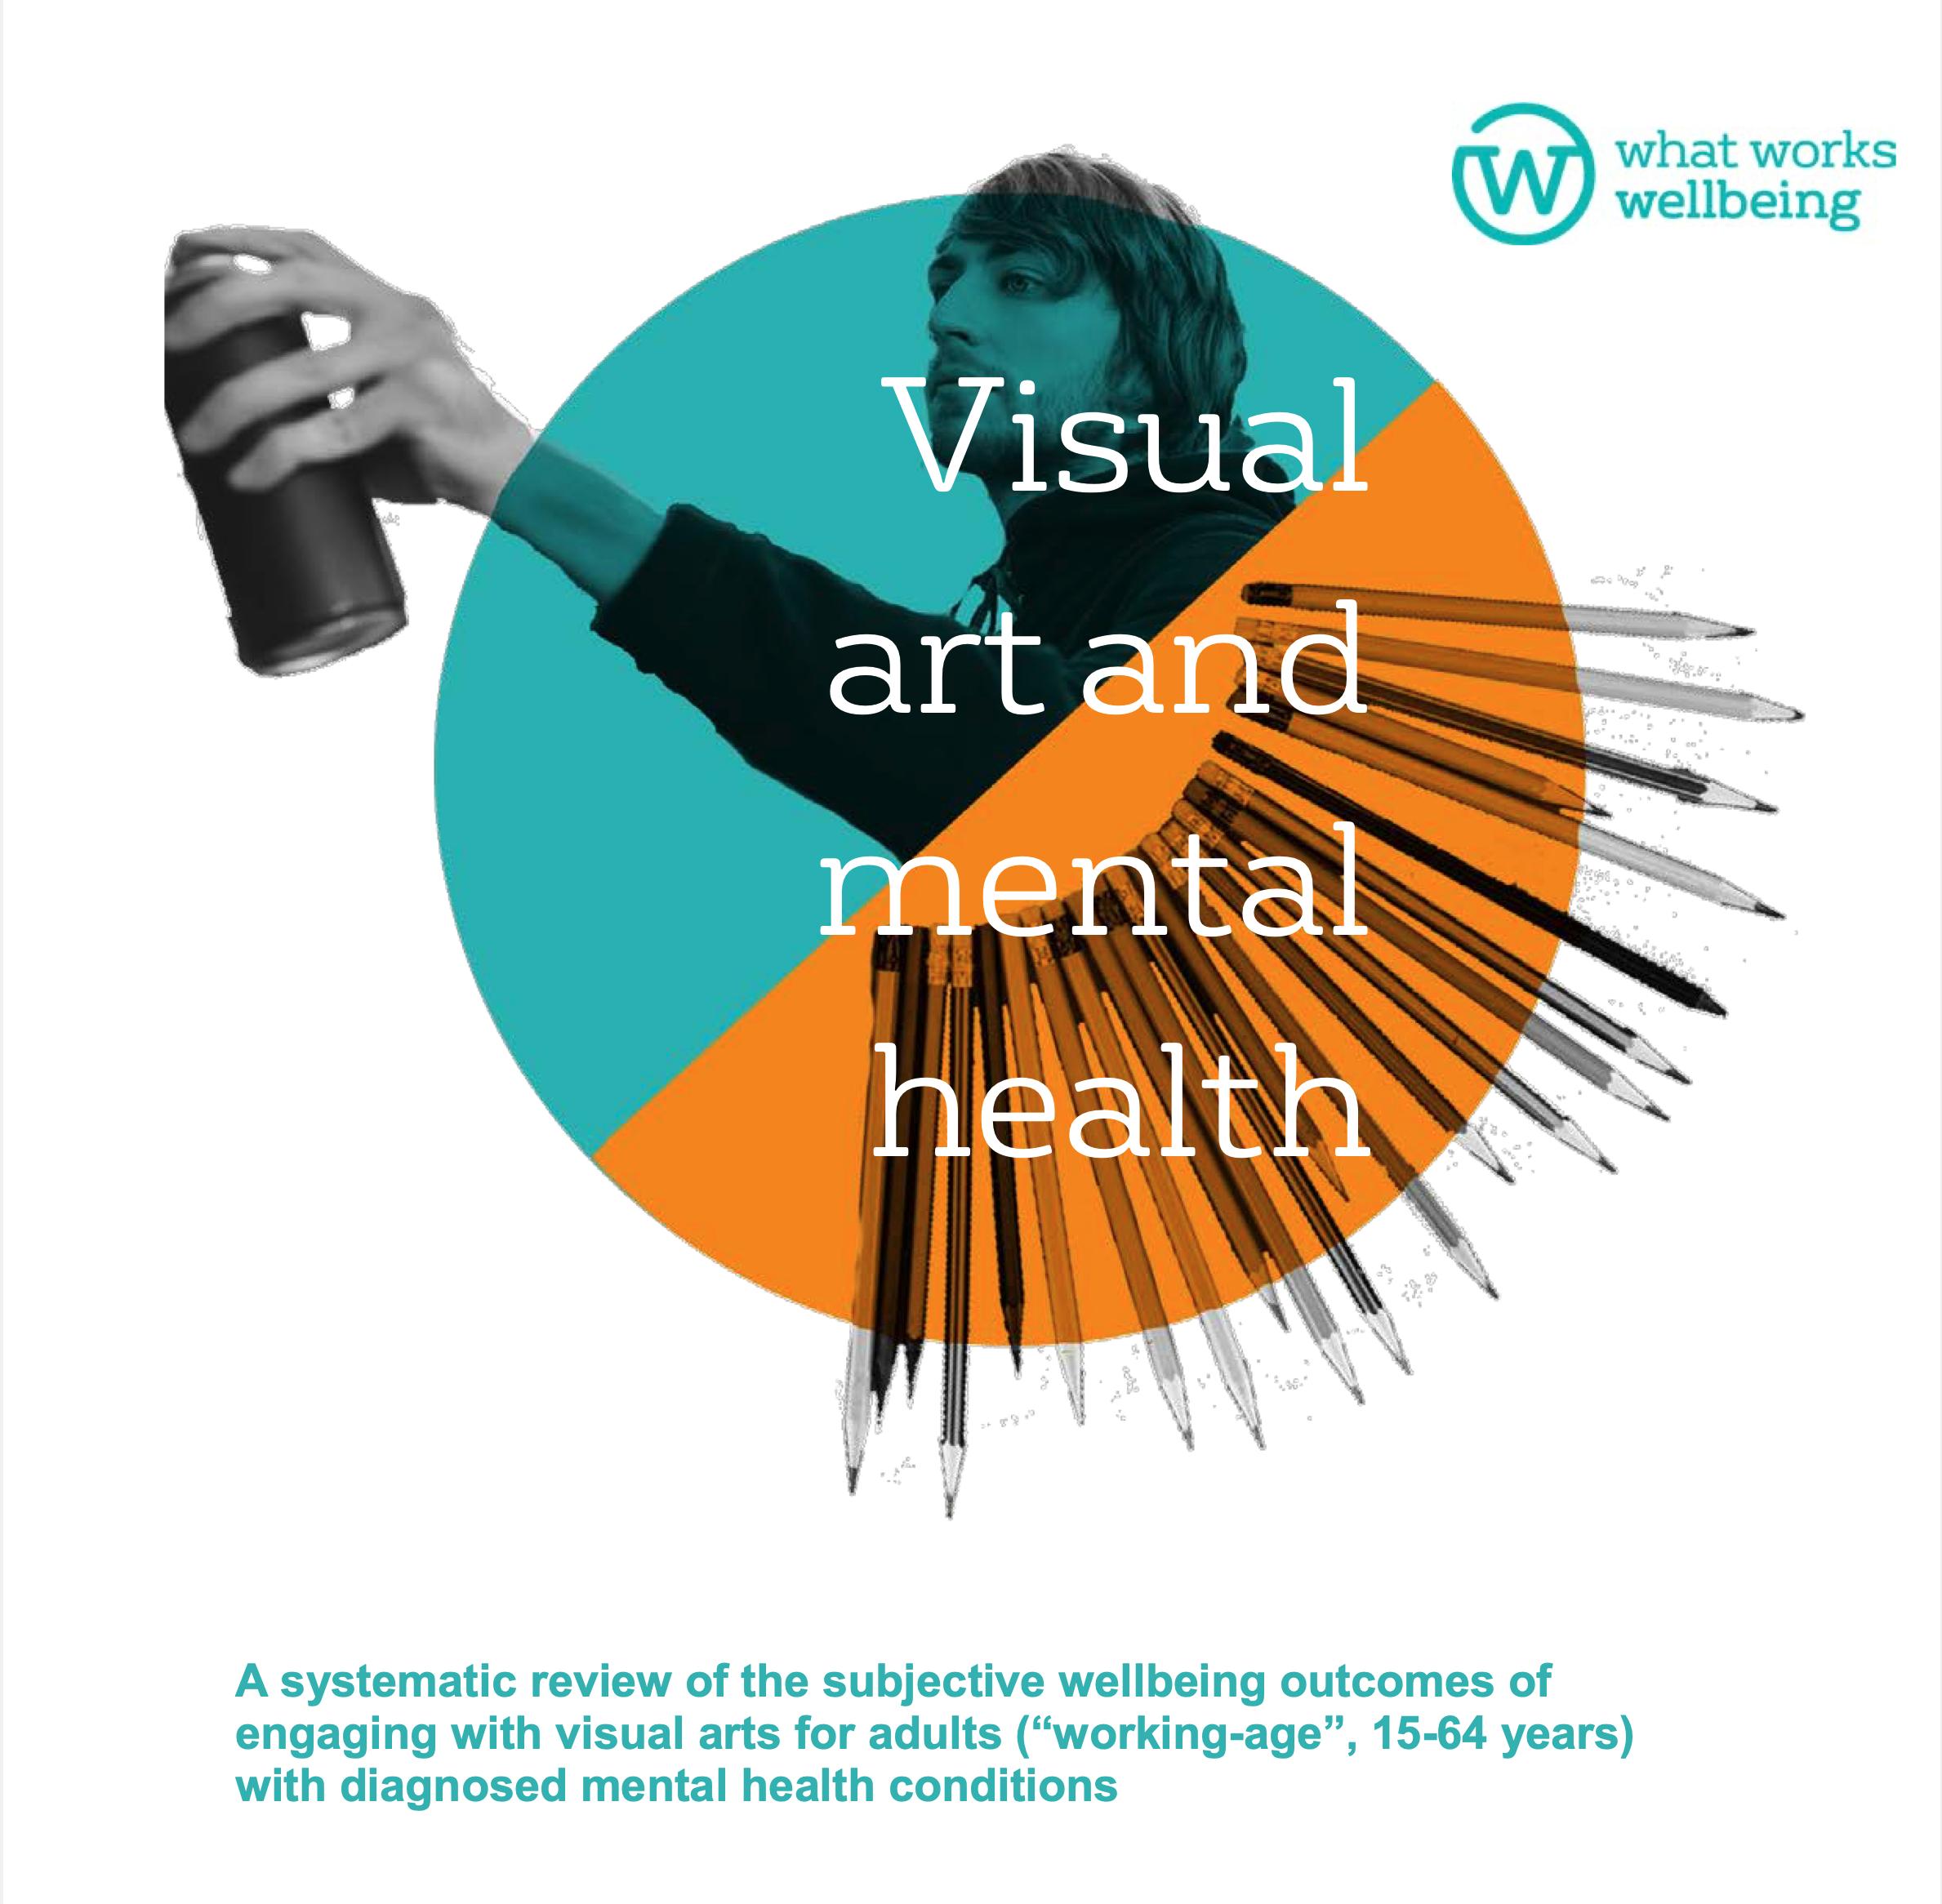 Visual Art and Mental Health - Visual art and mental health